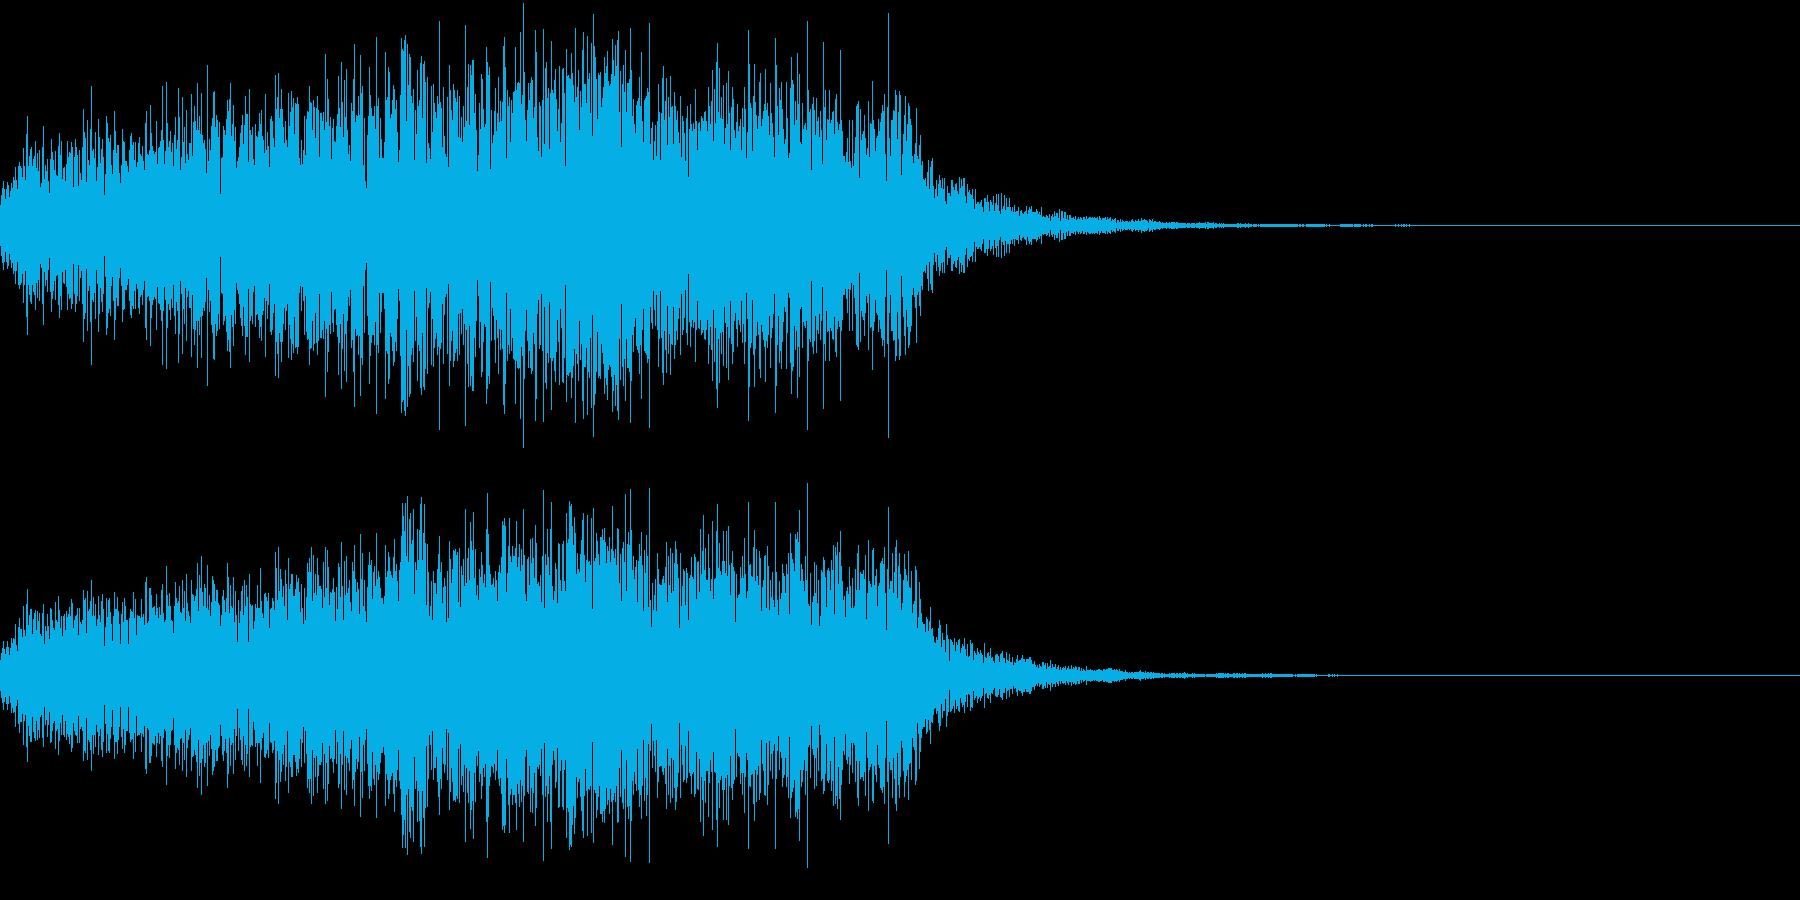 レベルUP(てれれれれー)の再生済みの波形